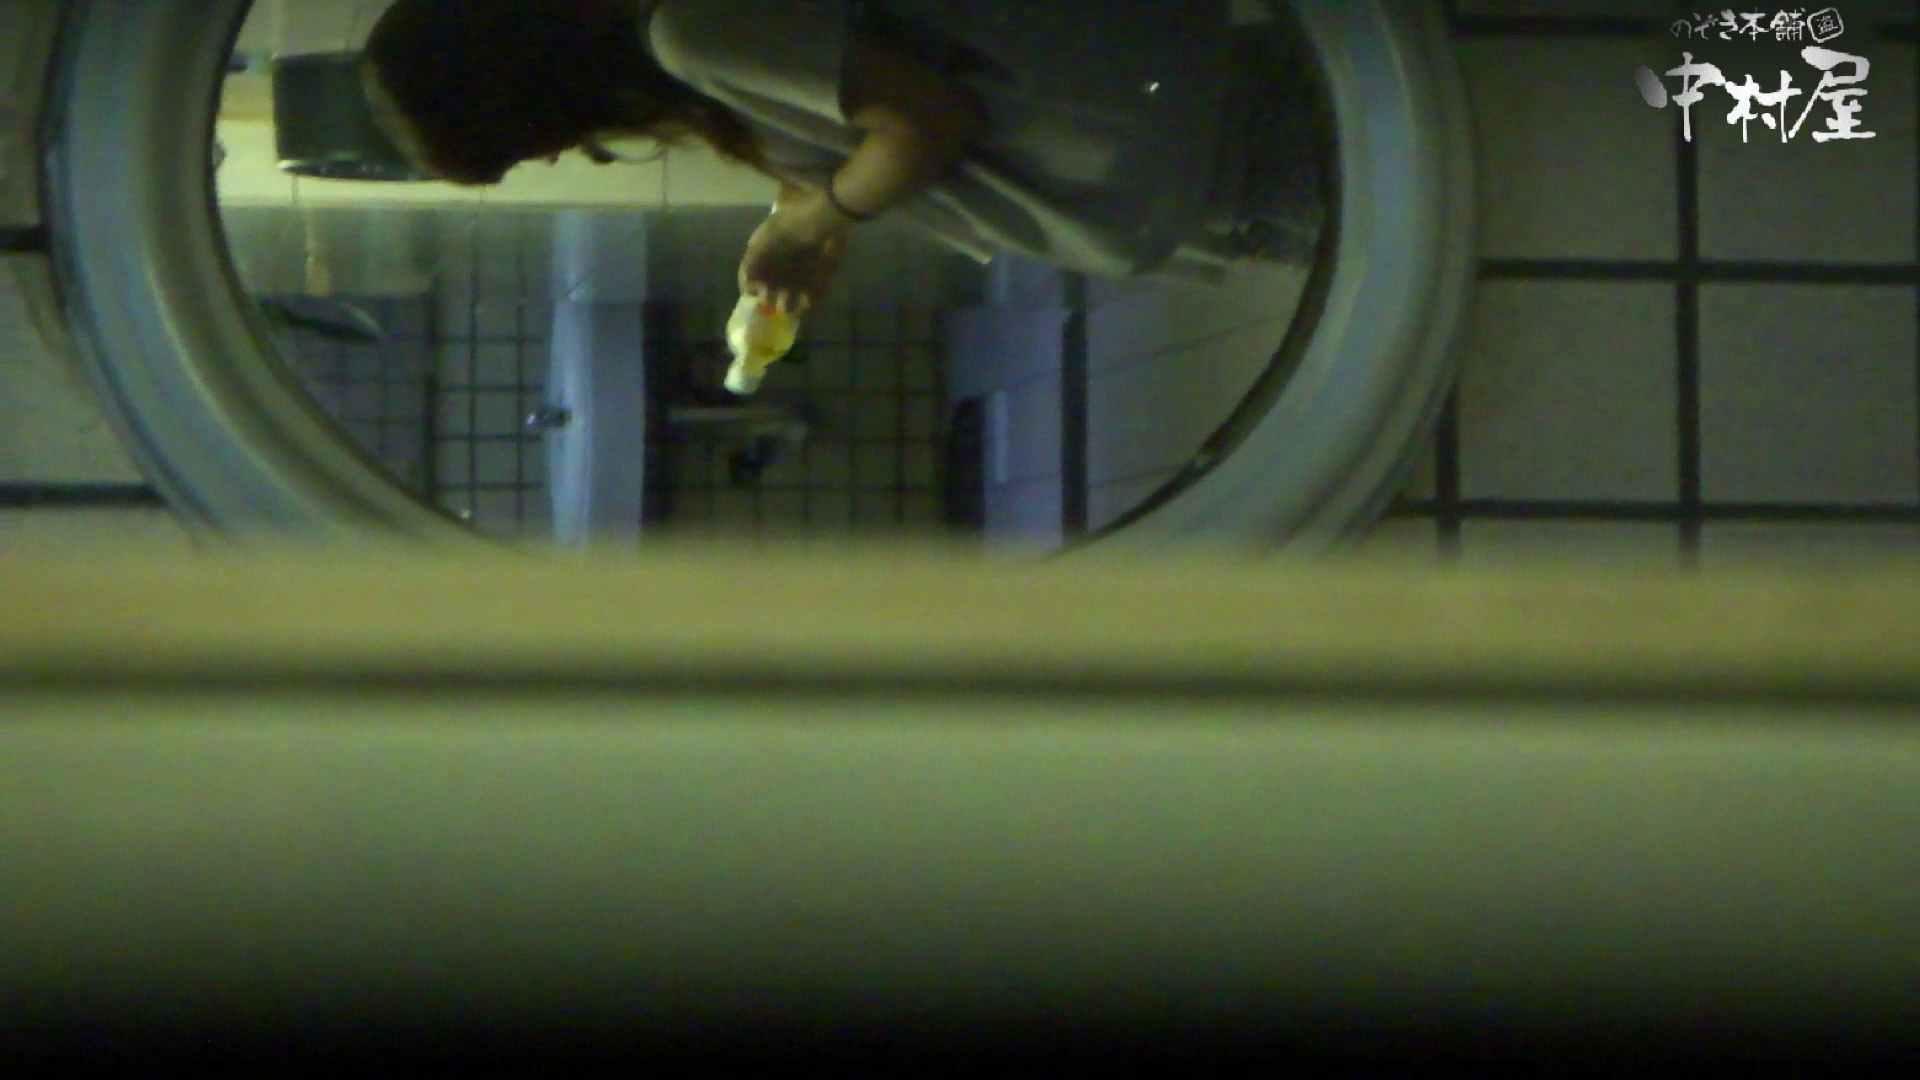 【美人が集まるファッションショッピングセンター洗面所盗SATU】ギャルのツルピカ潜入盗satu!Vol.10 高画質 隠し撮りおまんこ動画流出 103画像 99